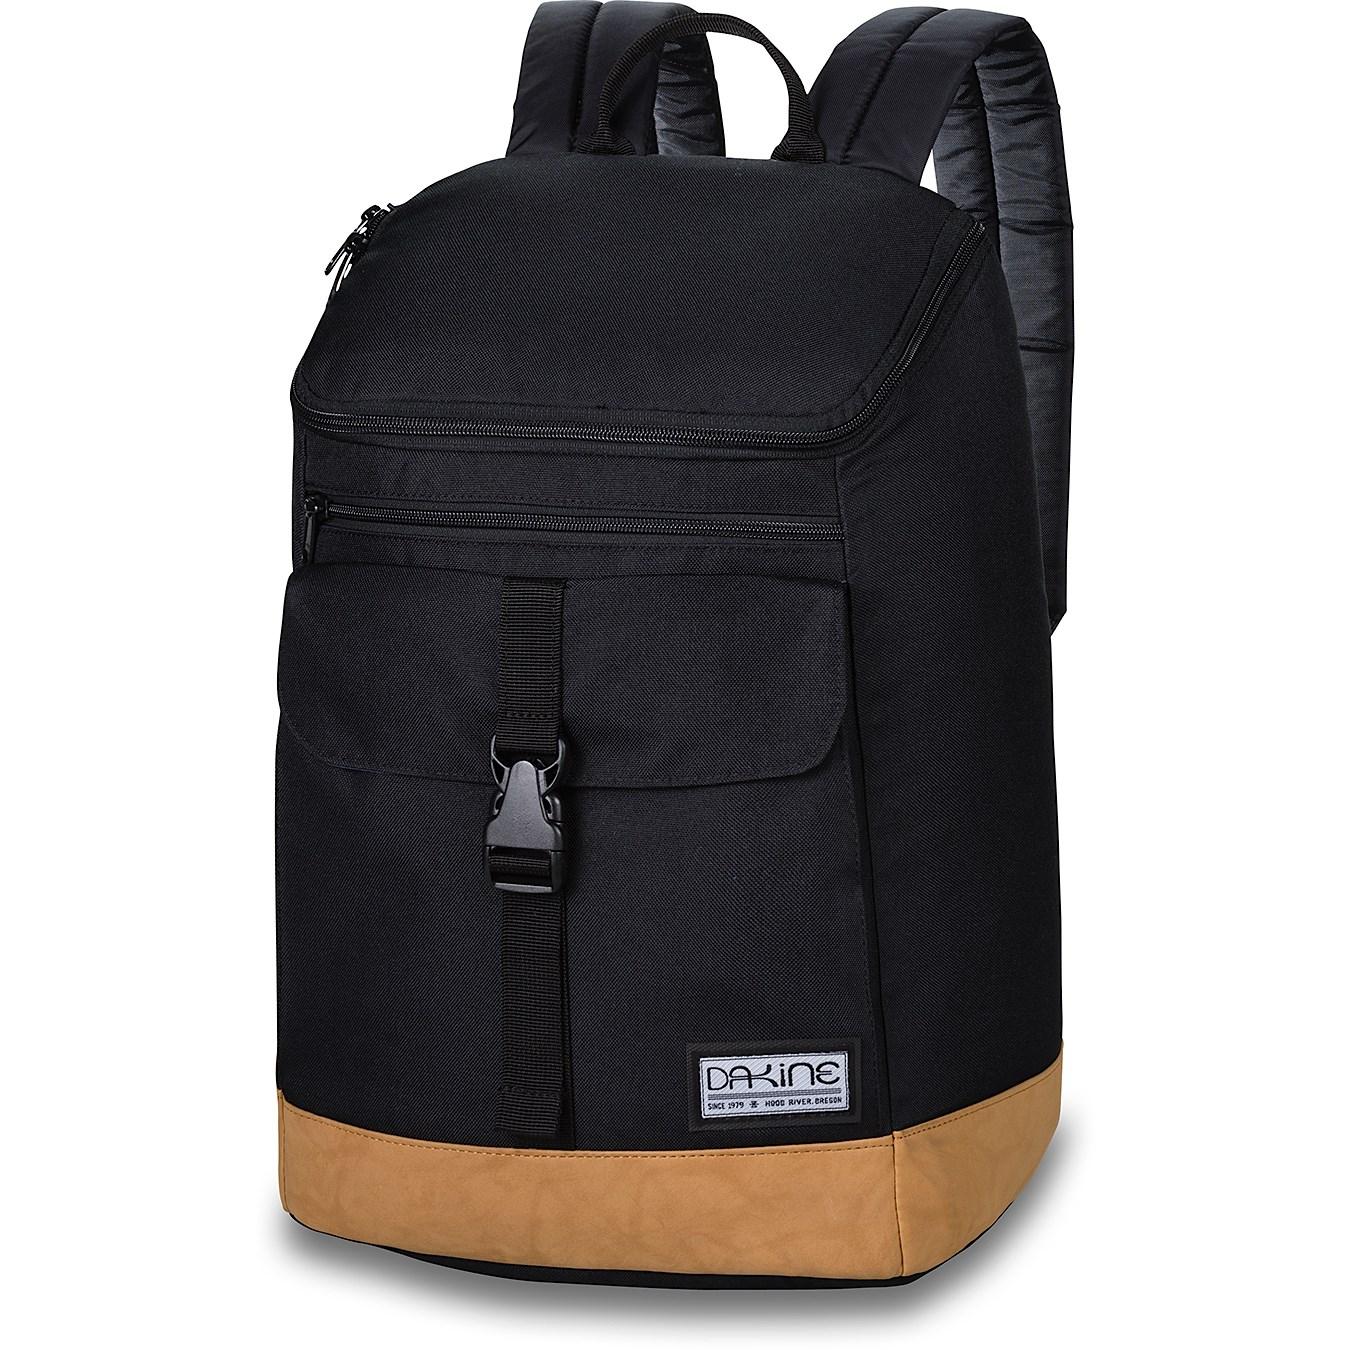 gorąca sprzedaż online nowy haj hurtownia online Dakine Nora 25L Backpack - Women's | evo